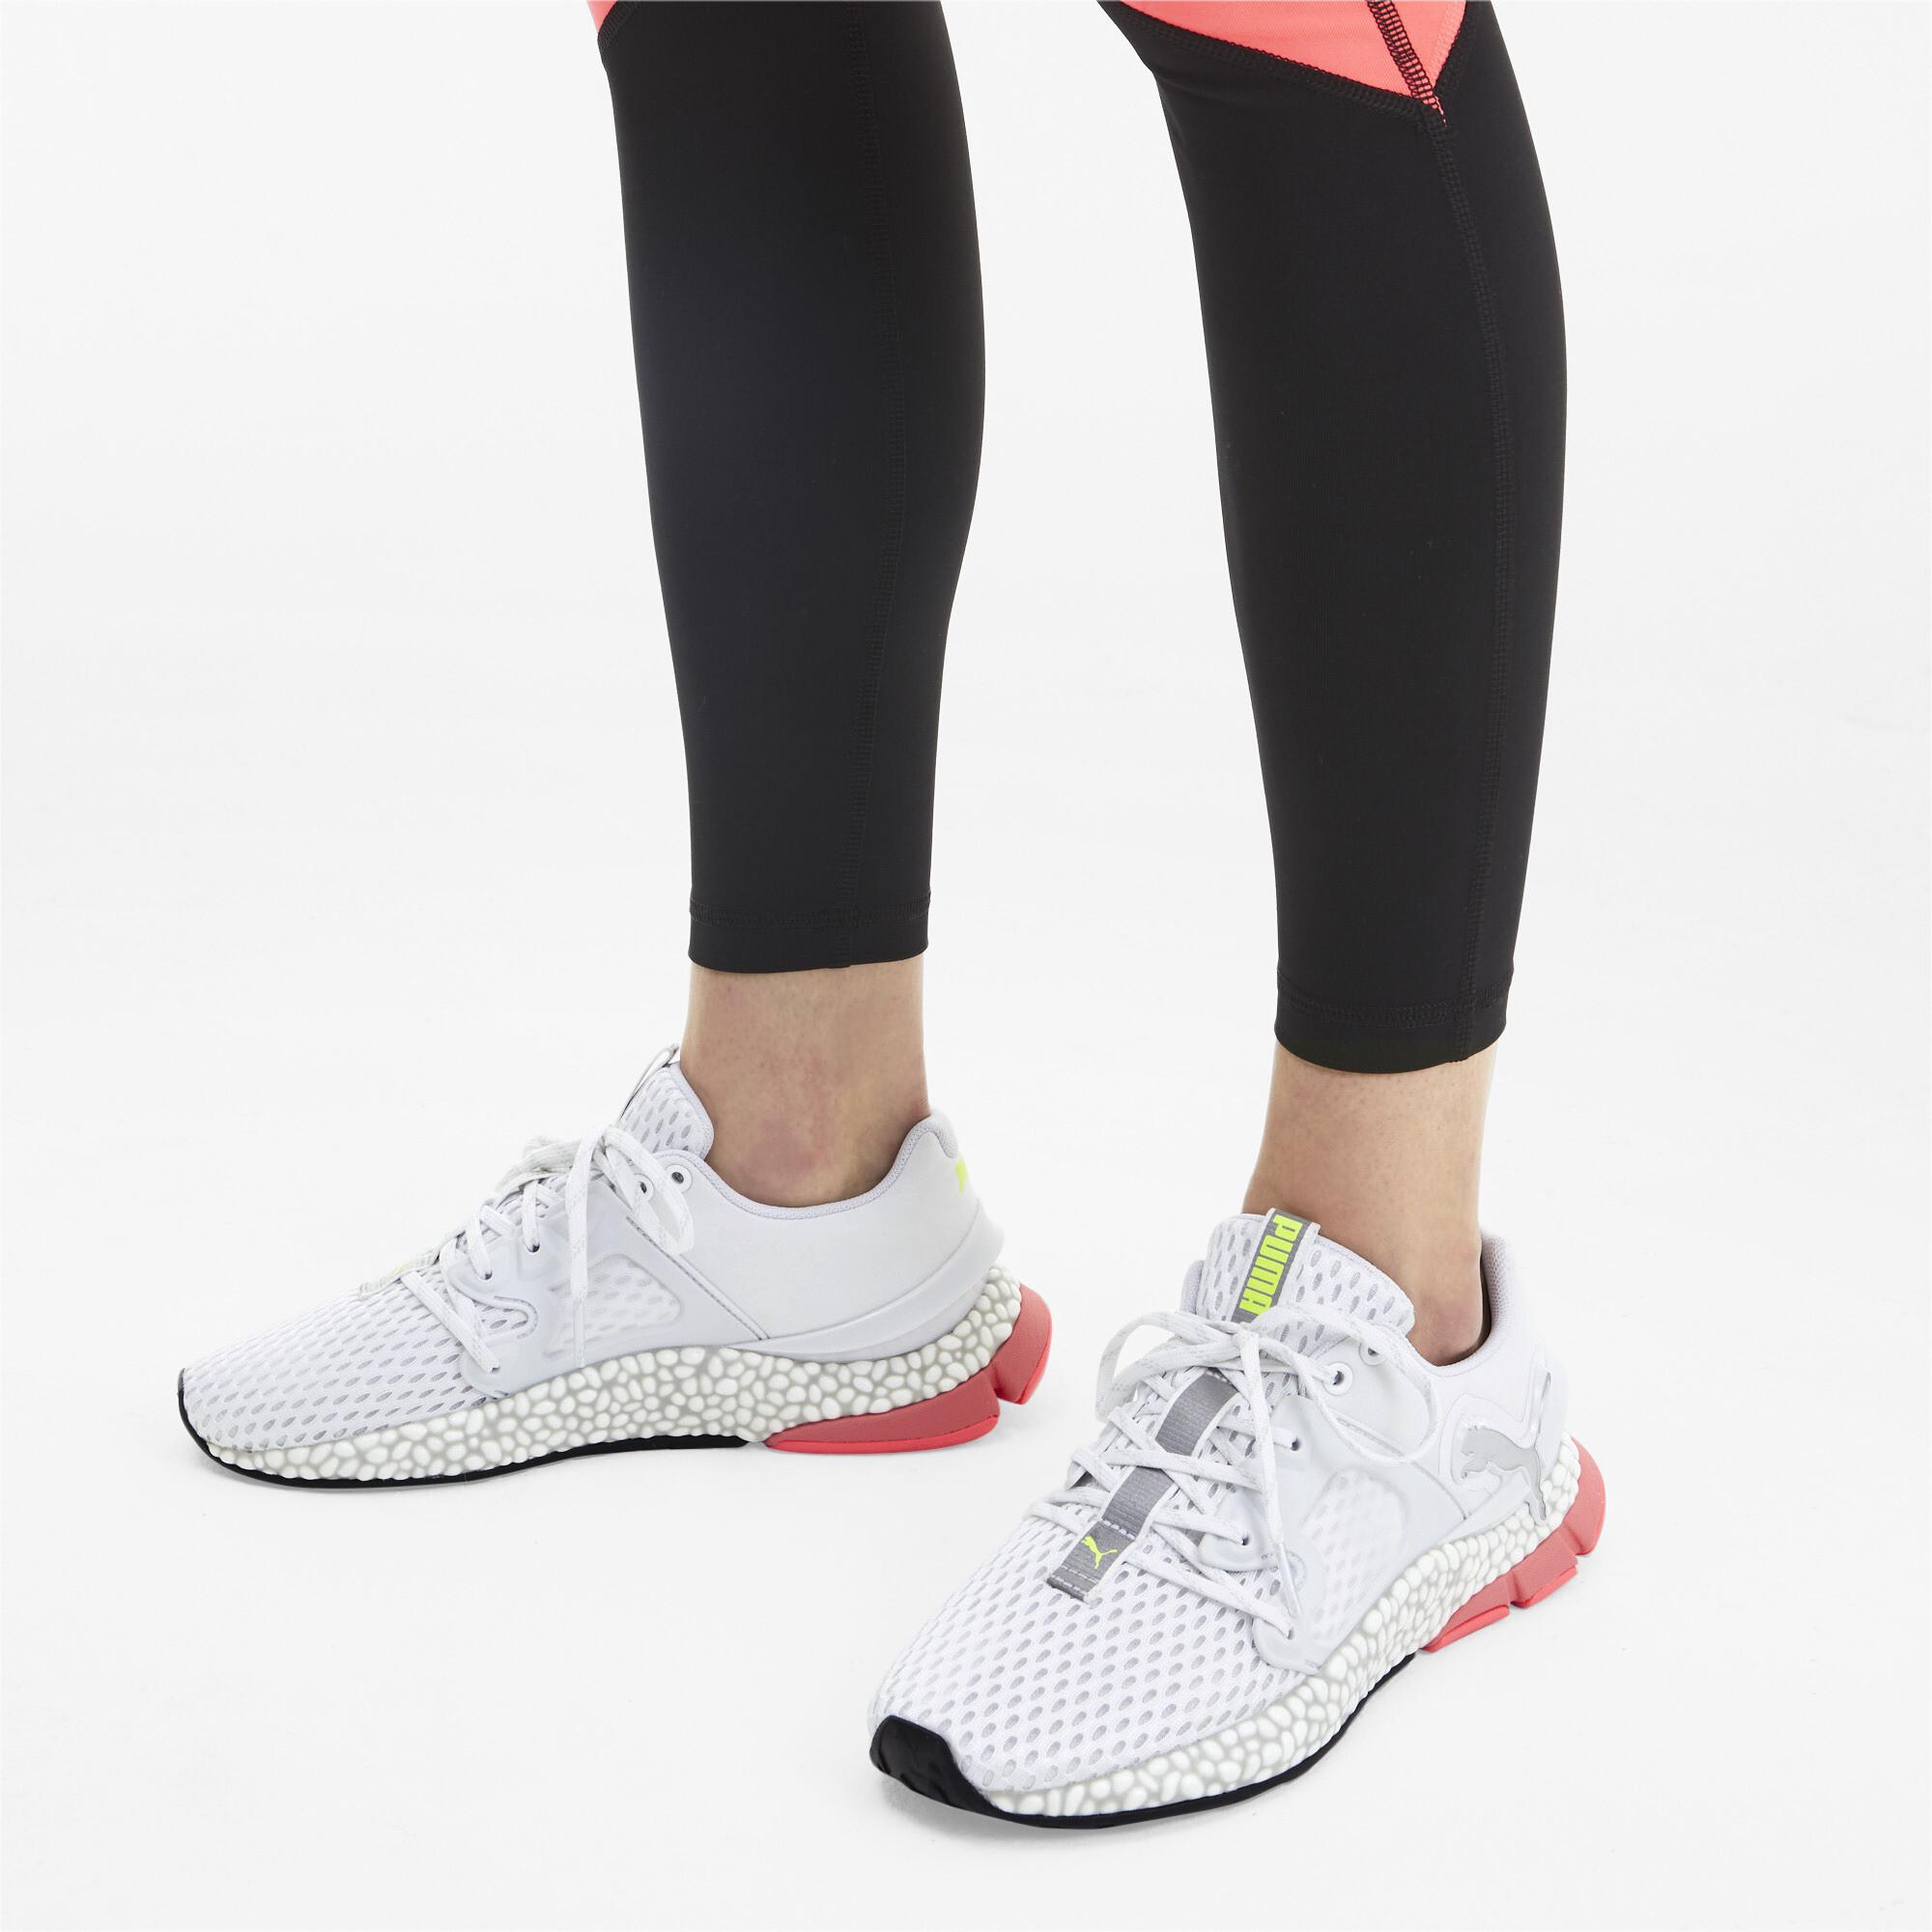 Details zu PUMA HYBRID Sky Damen Laufschuhe Frauen Schuhe Laufen Neu